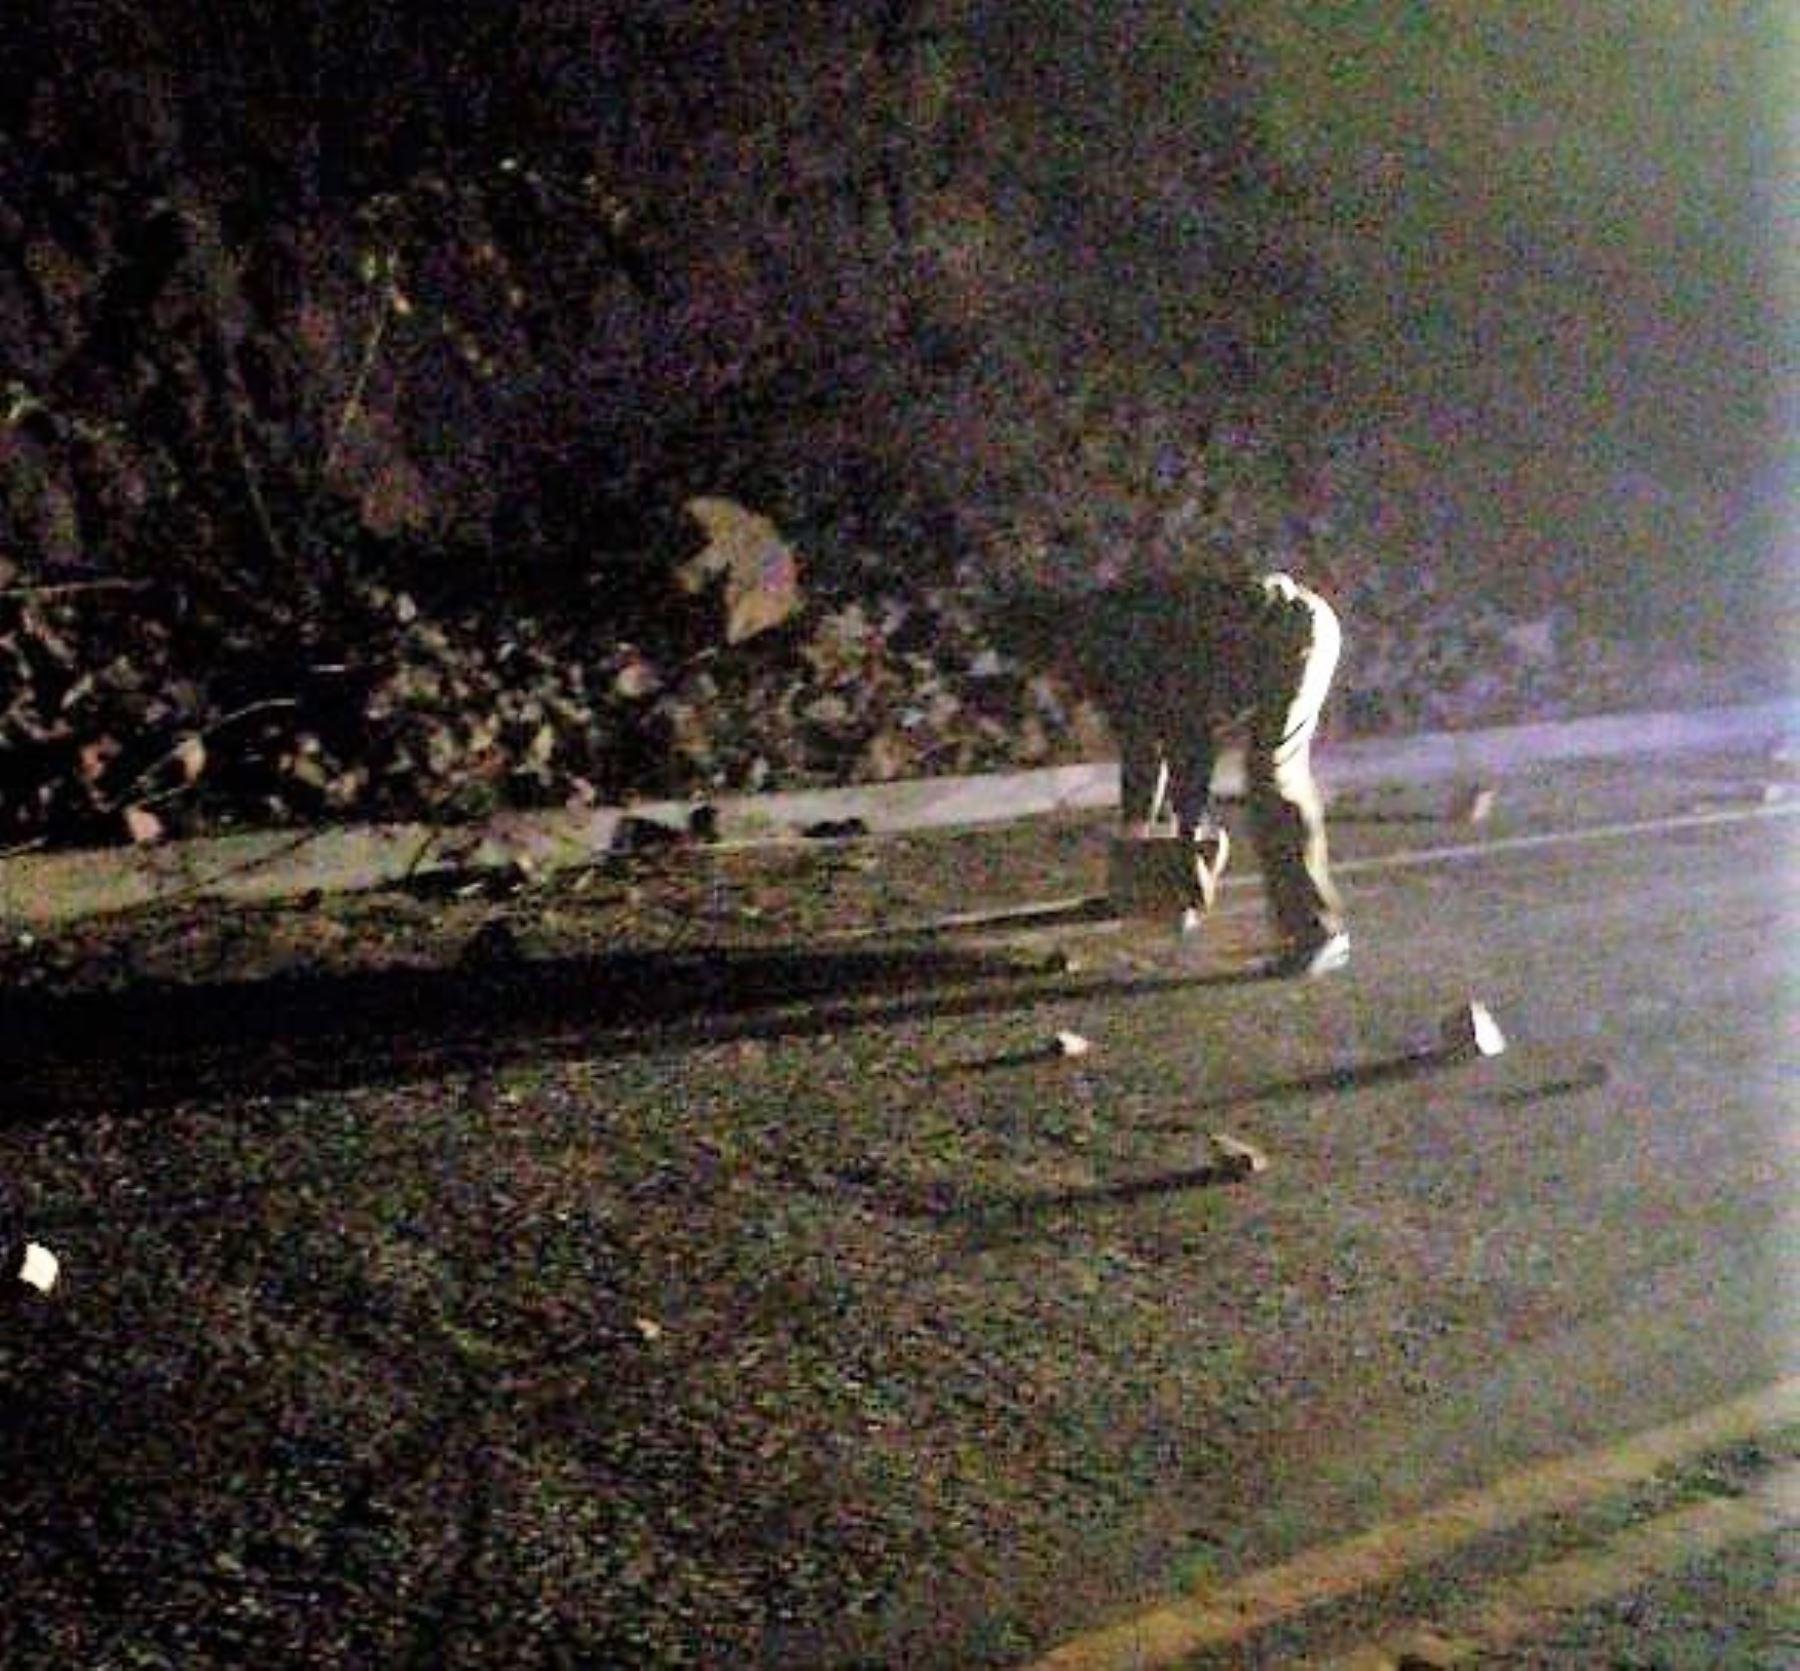 Defensa Civil de Arequipa reportó la caída de piedras en la carretera a Vítor. ANDINA/Difusión